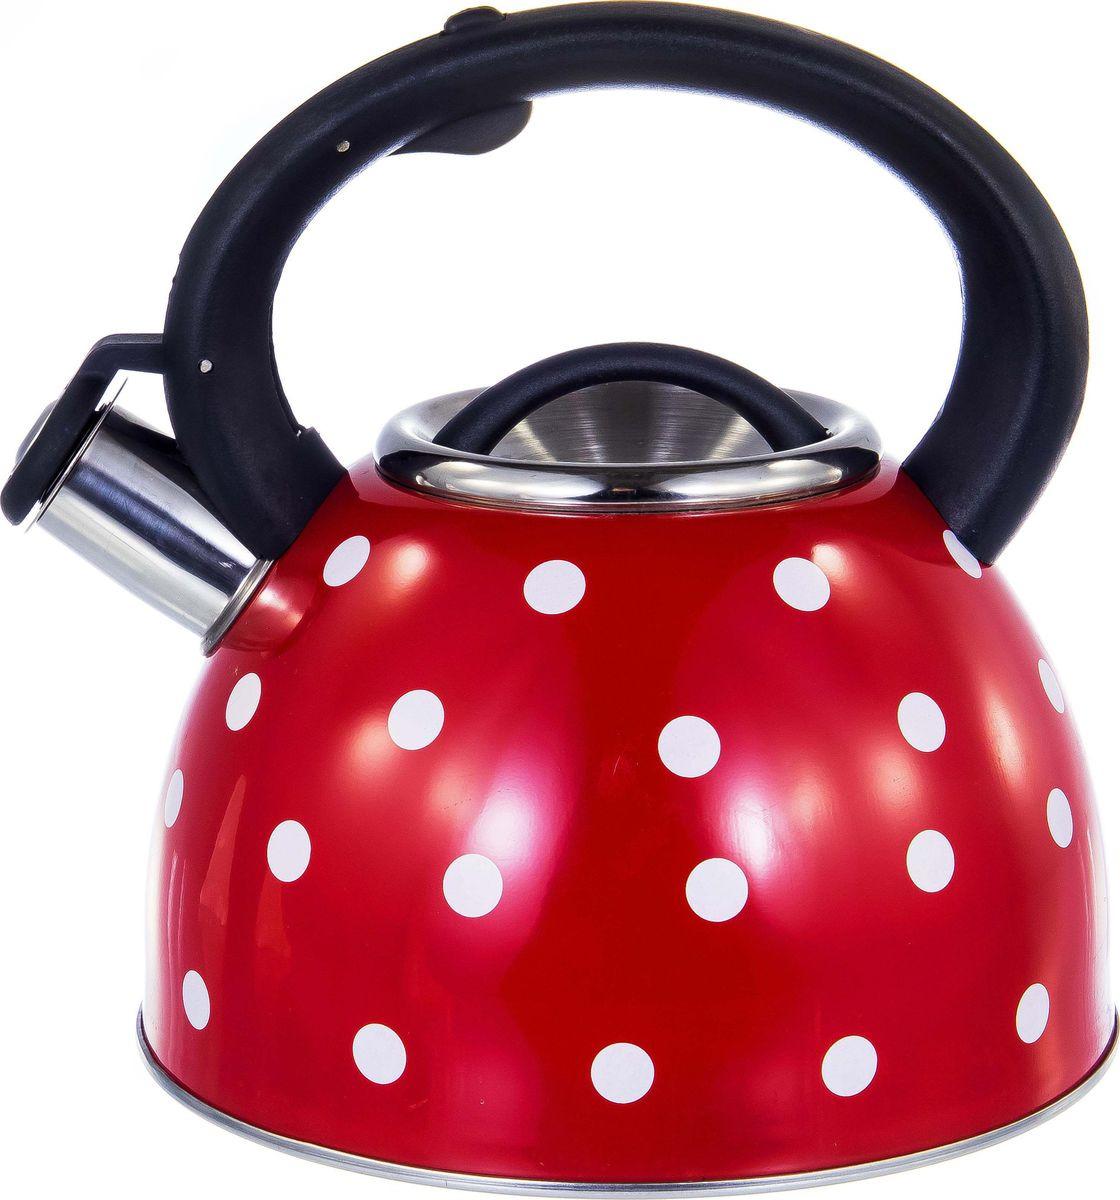 Чайник Guterwahl, 126-18003, красный, со свистком, 2,5 л